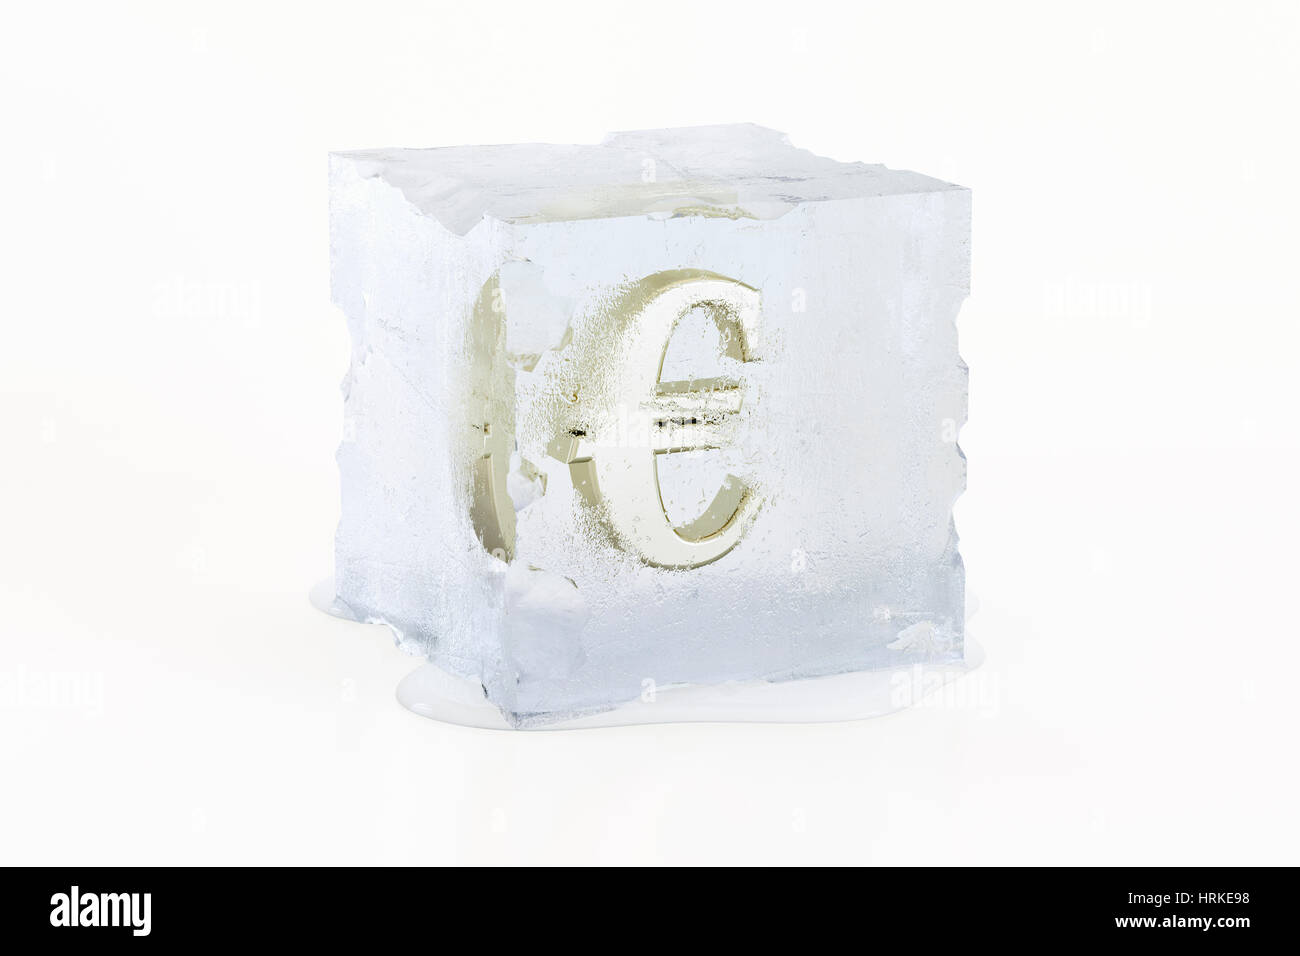 Symbole Euro or congelé dans un cube de glace fond lentement Photo Stock